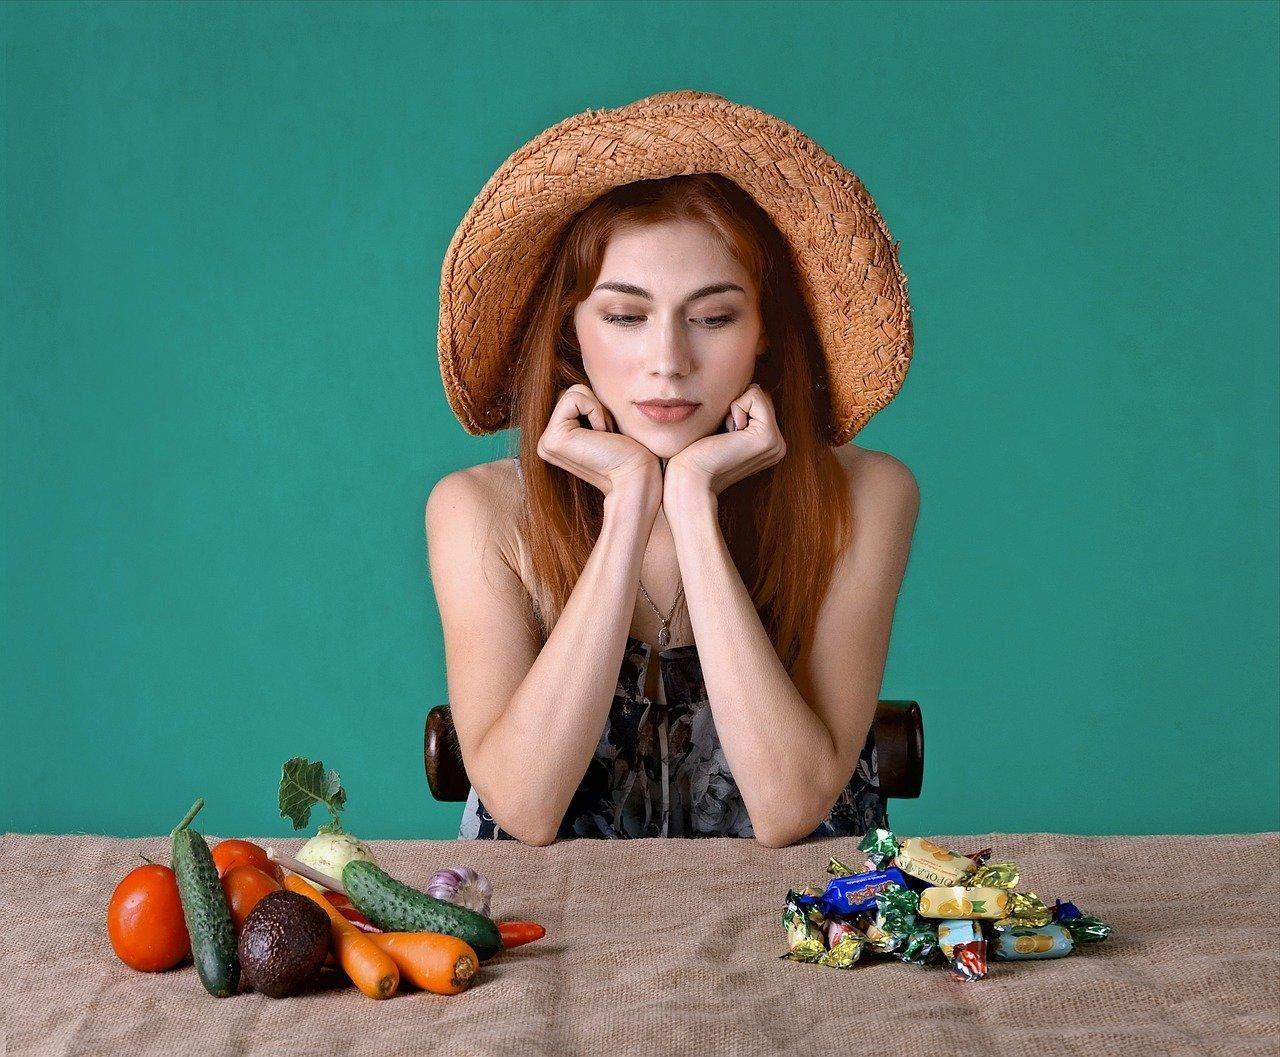 Якщо ви з'їли зайвого на дієті, це – нормально